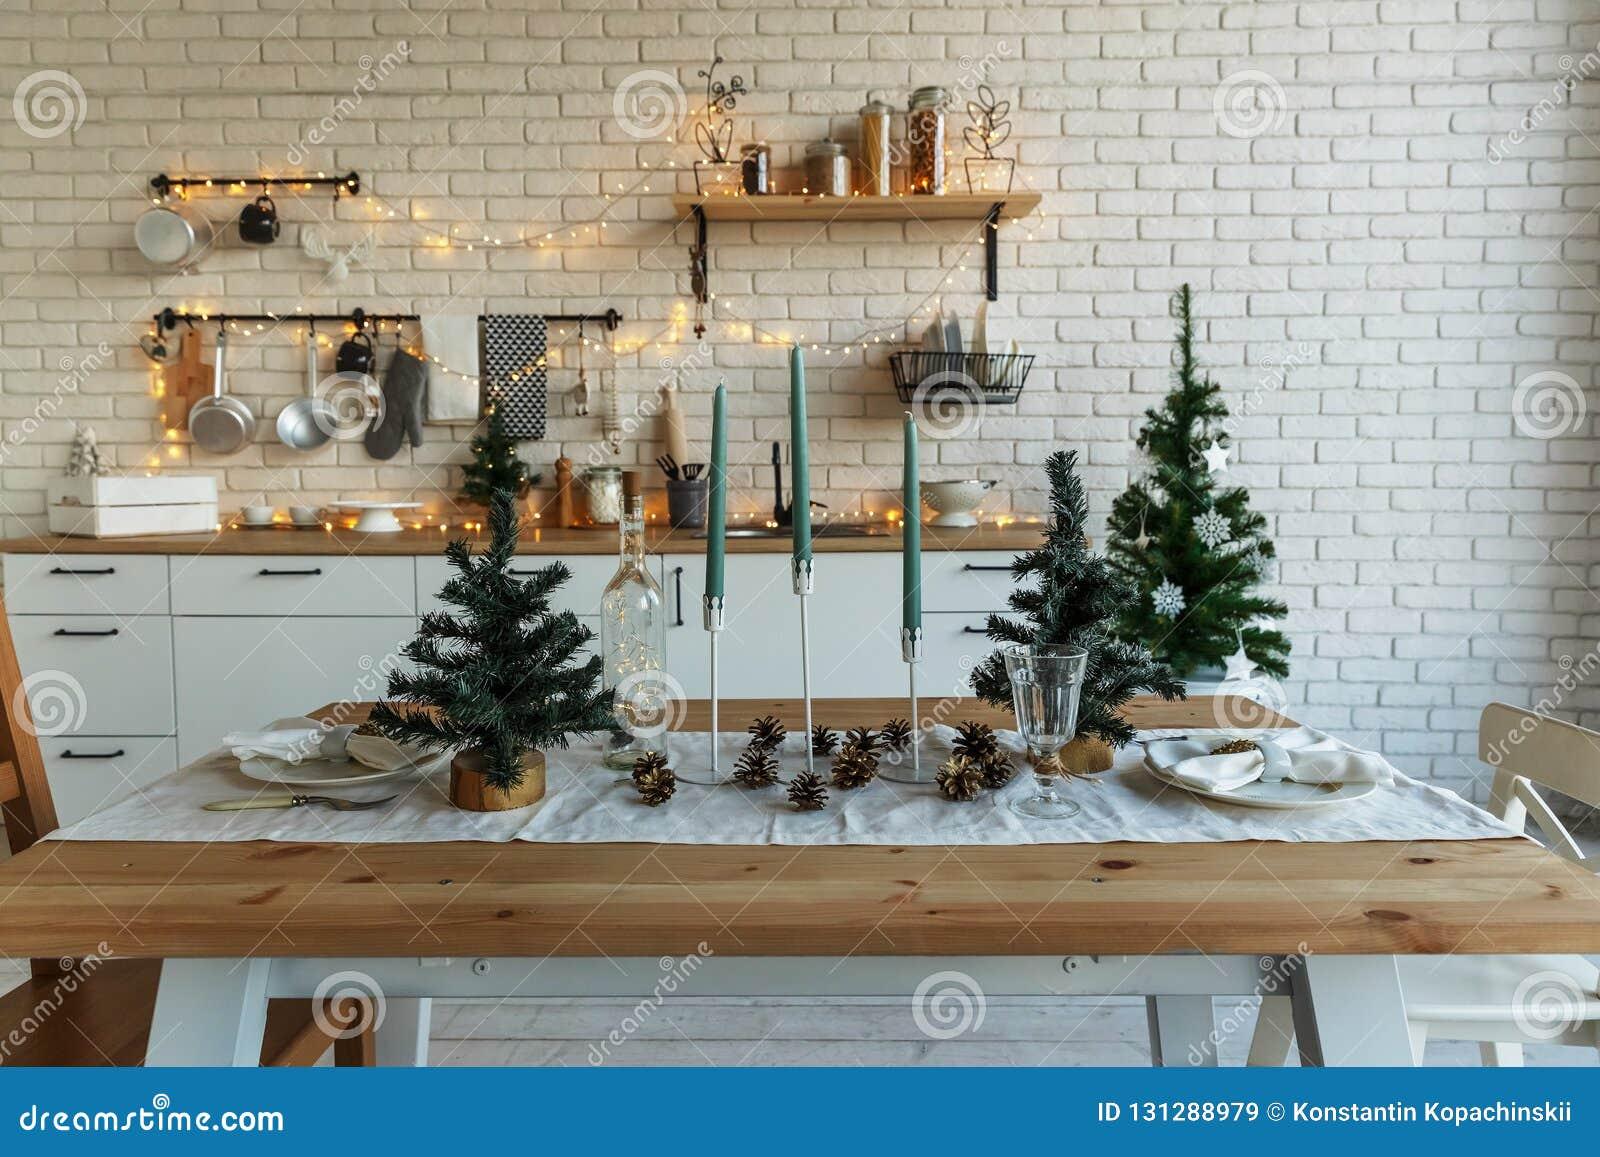 Nuovo Anno E Natale 2018 Cucina Festiva Nelle Decorazioni Di ...